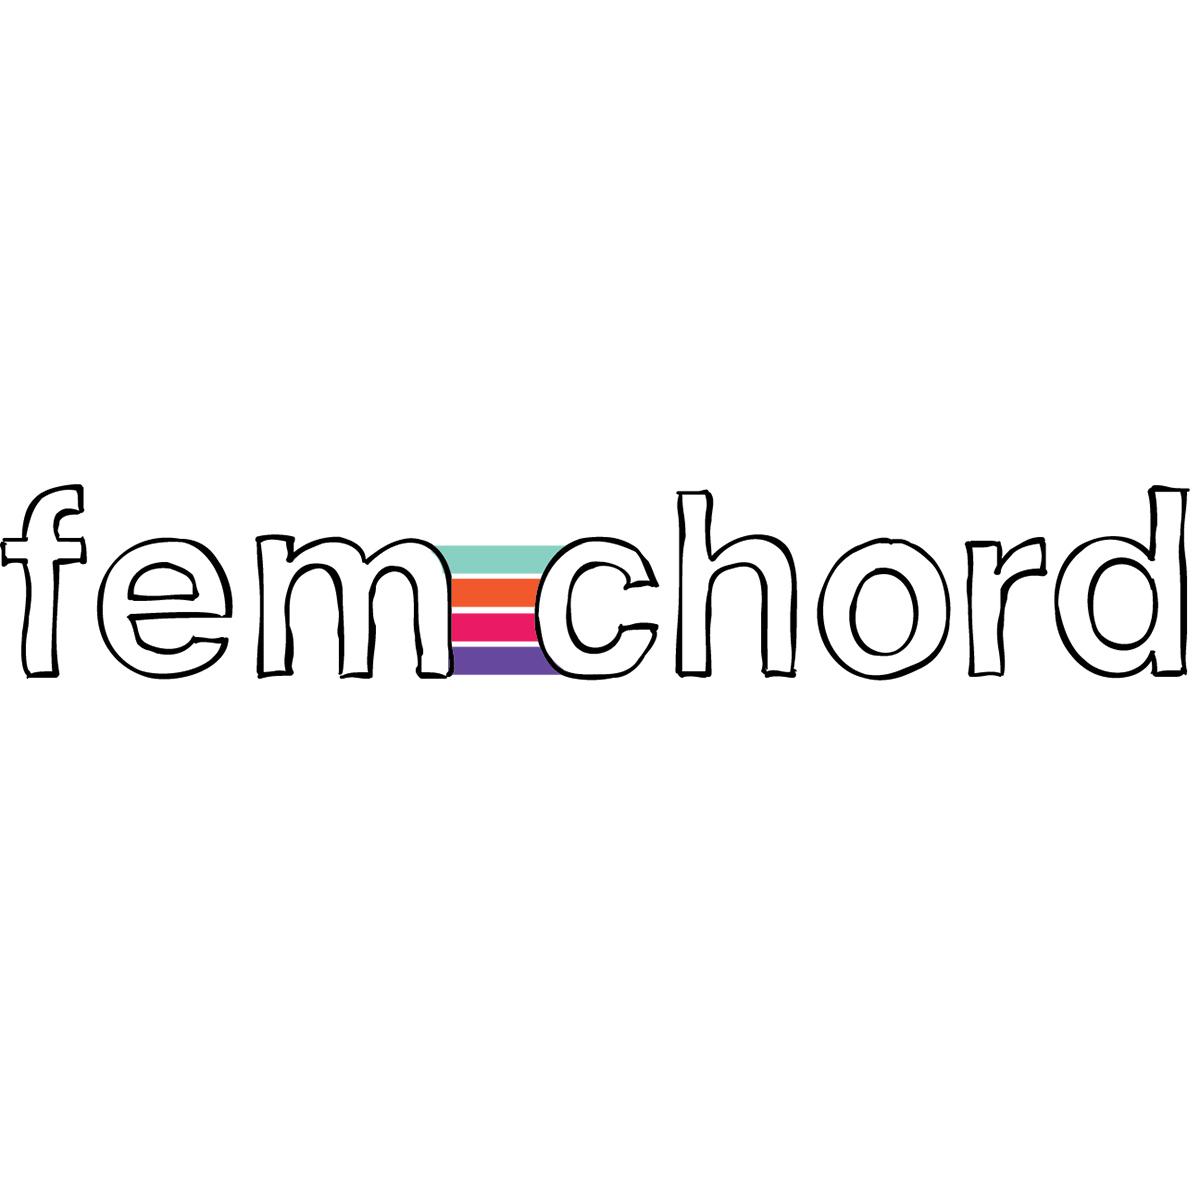 femchord-logo-option-3.jpg